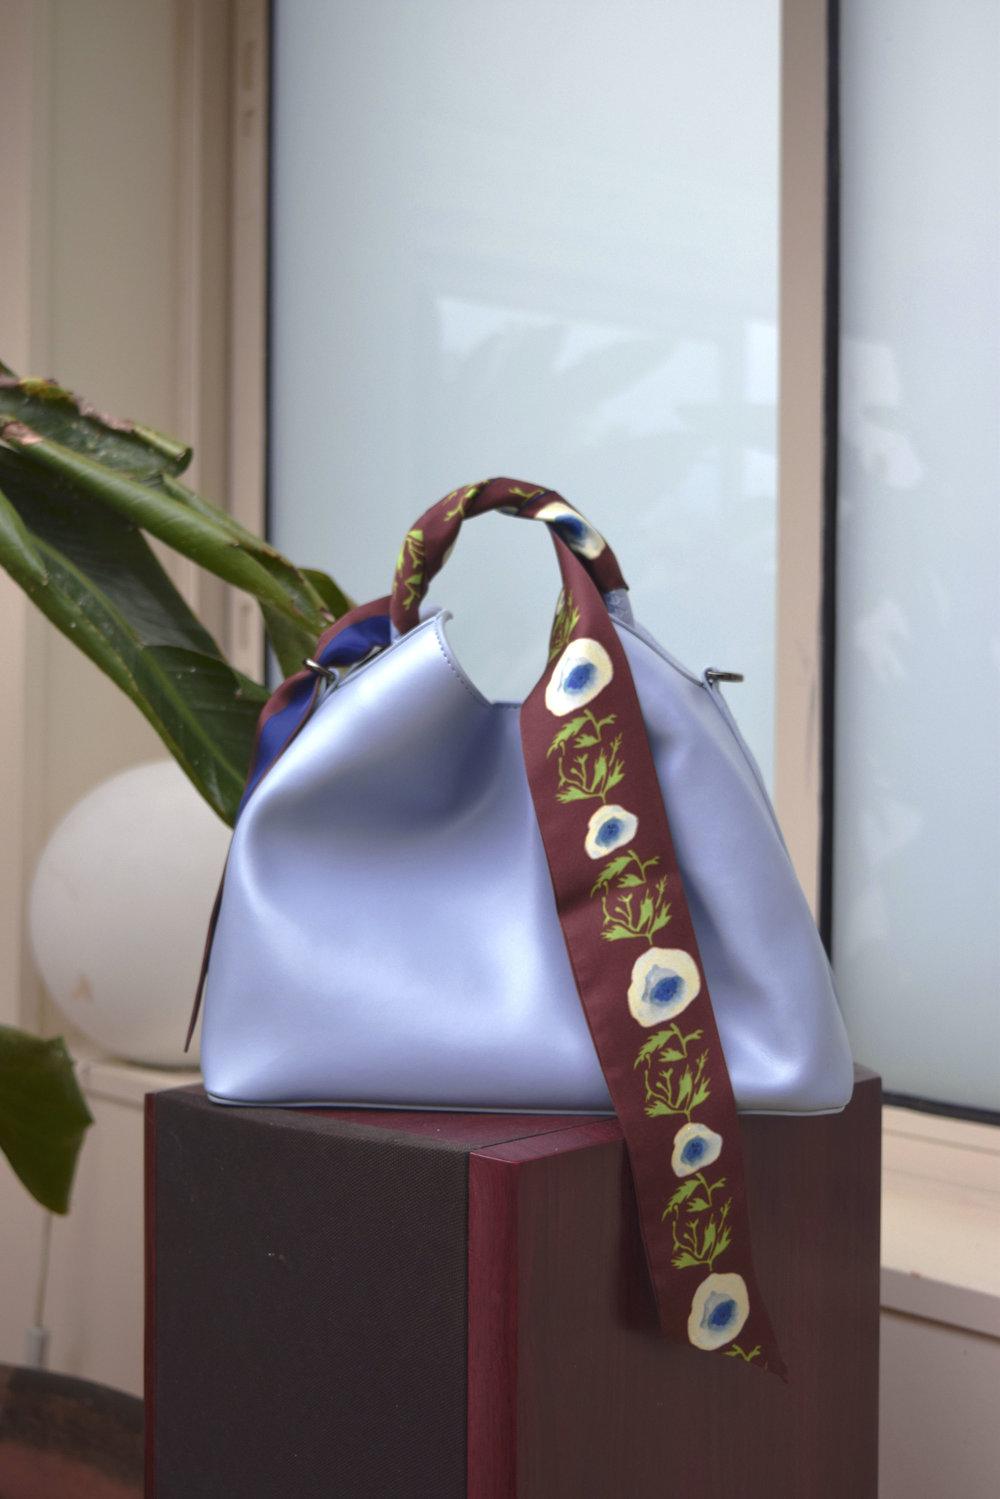 petitjean paris nouvelle collection mauvaises graines marque parisienne accessoires luxe soie made in france